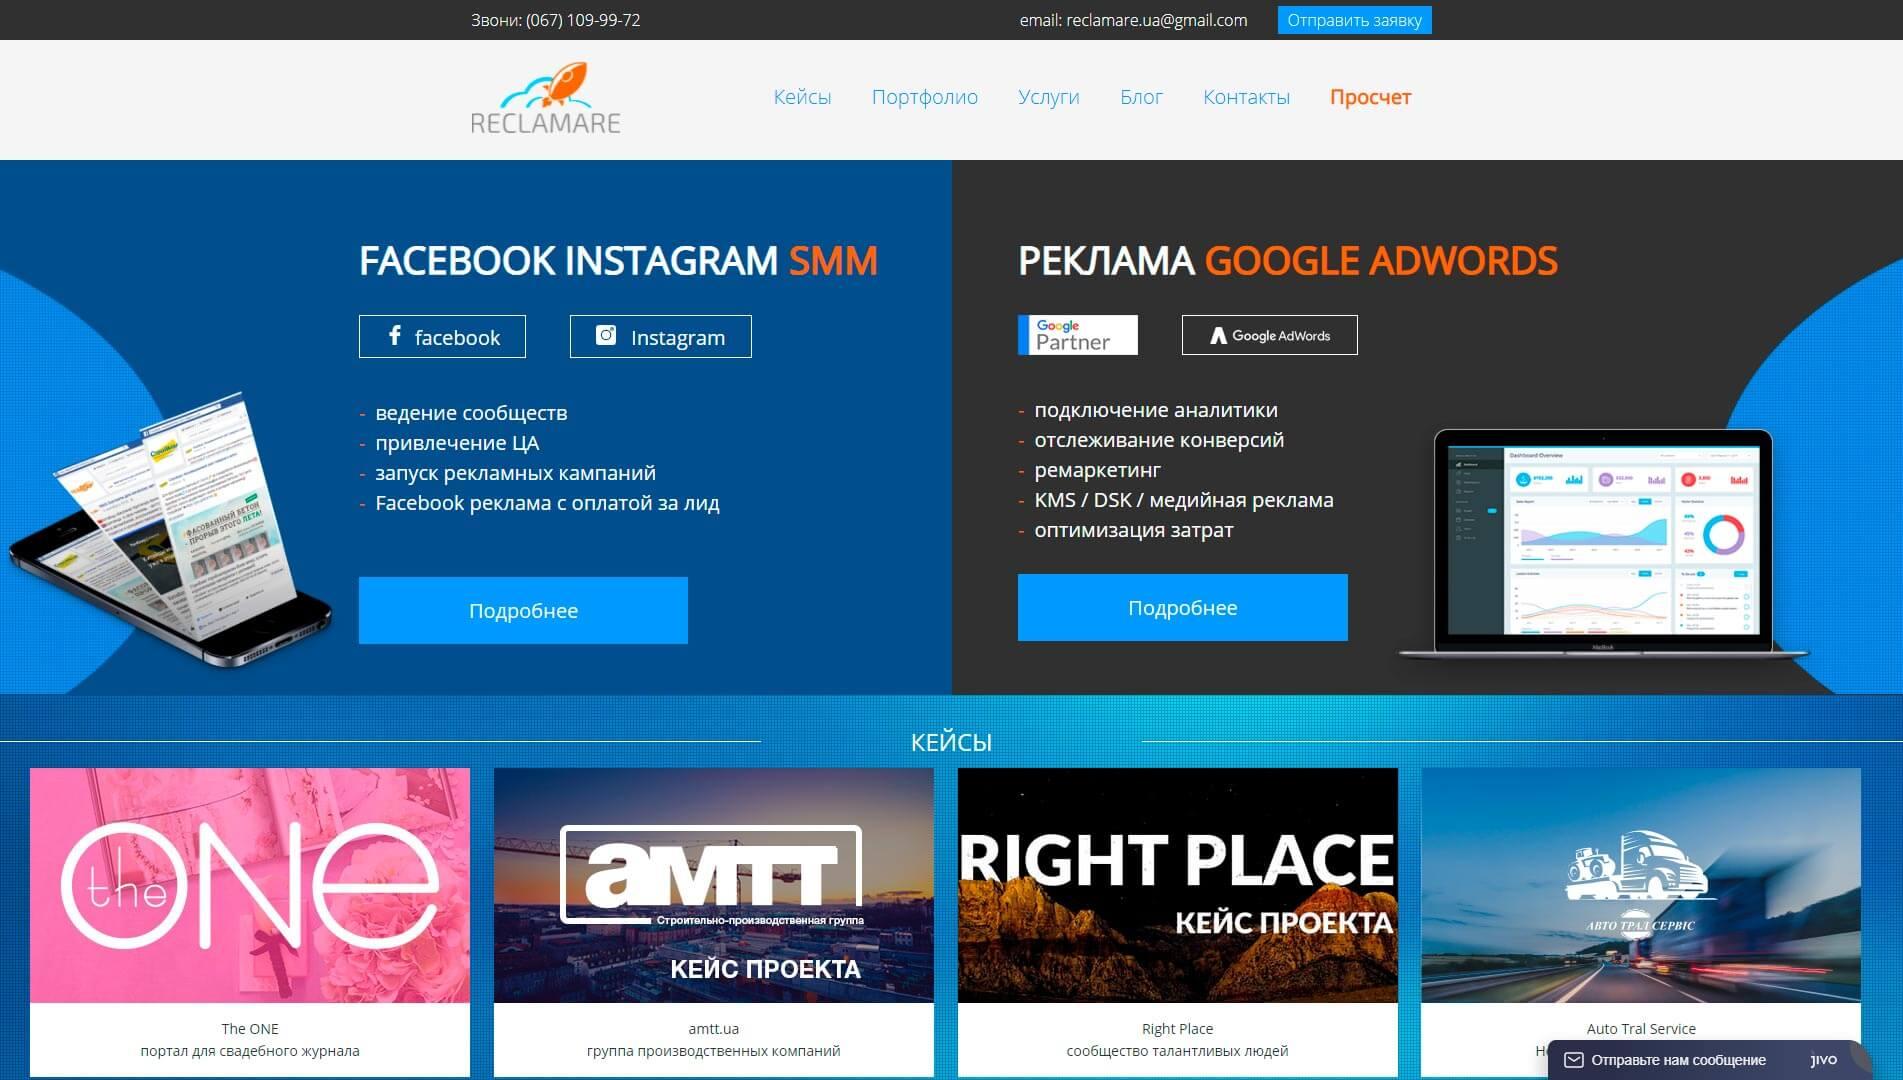 Reclamare - обзор компании, услуги, отзывы, клиенты, Фото № 1 - google-seo.pro